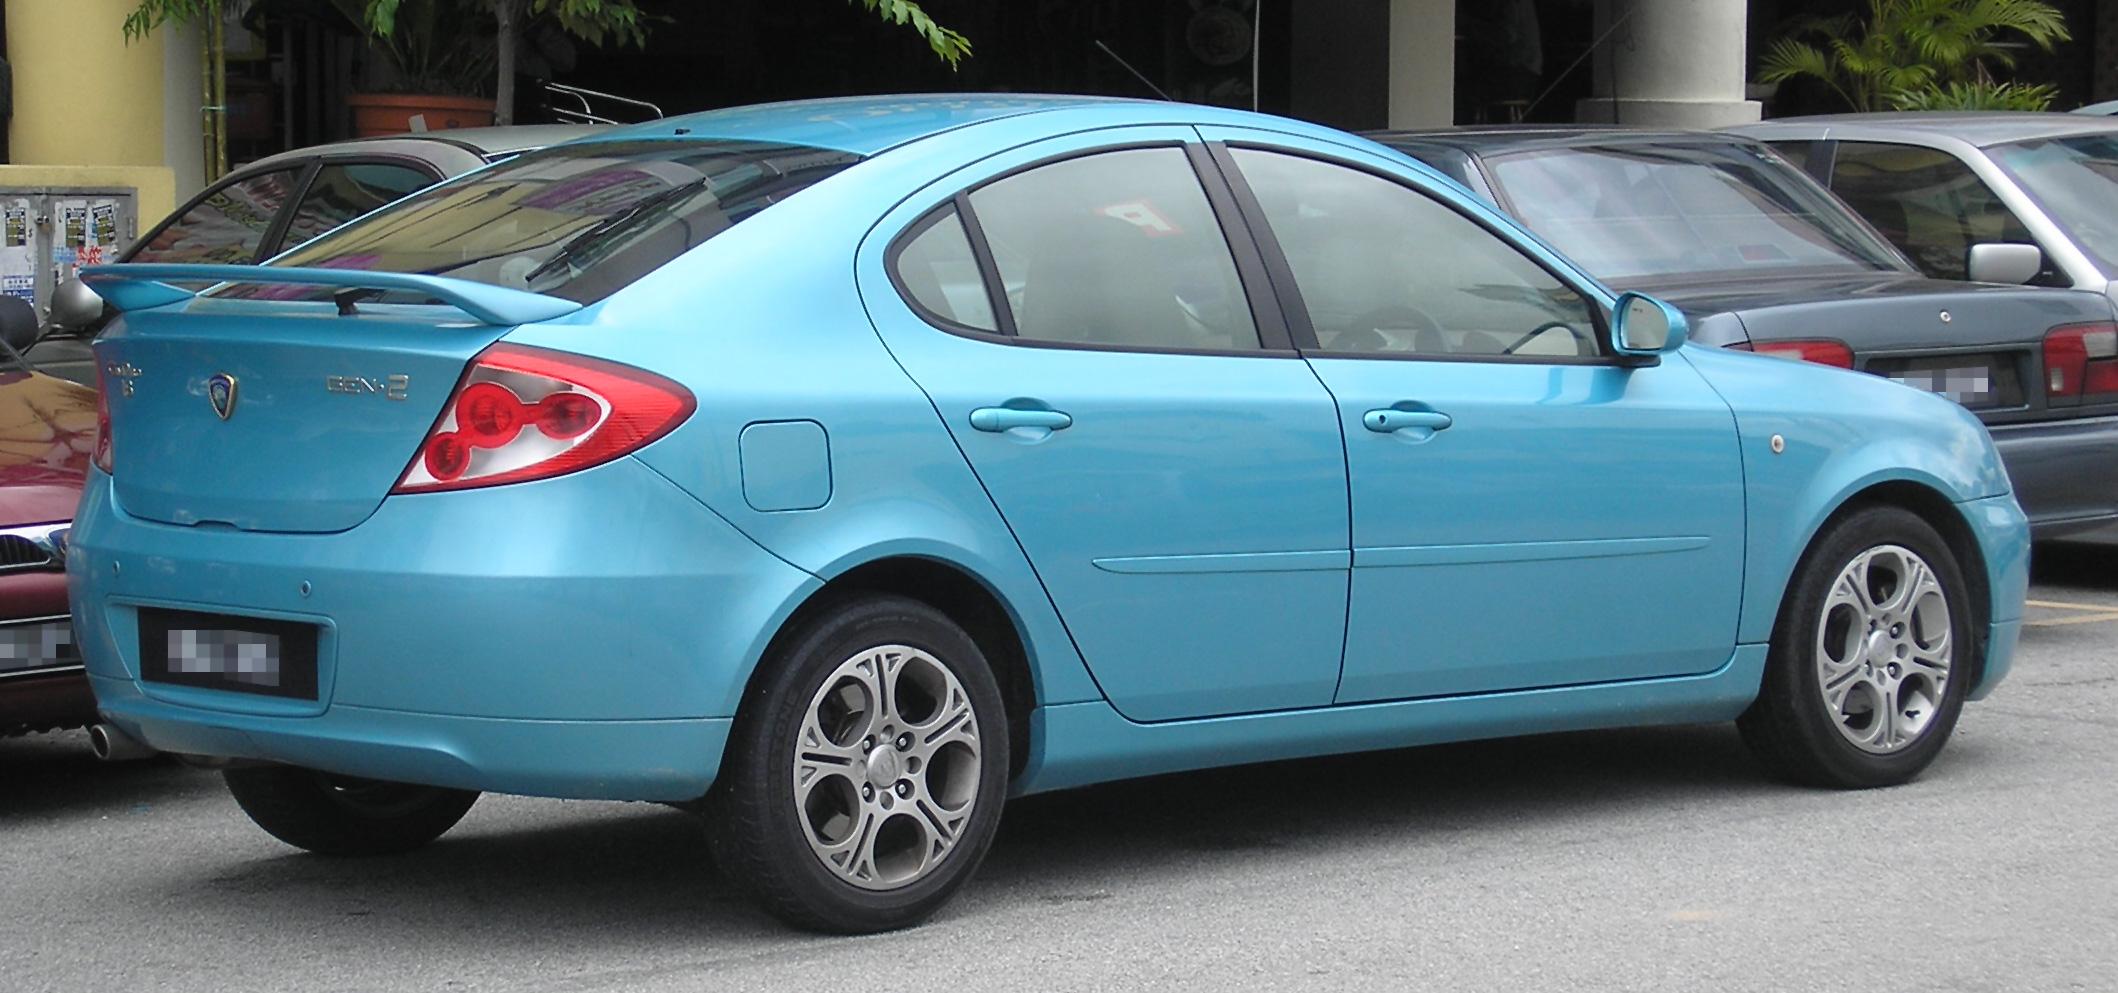 Proton GEN 2  Achat, vente, voiture occasion GEN 2, annonces auto. Essai,